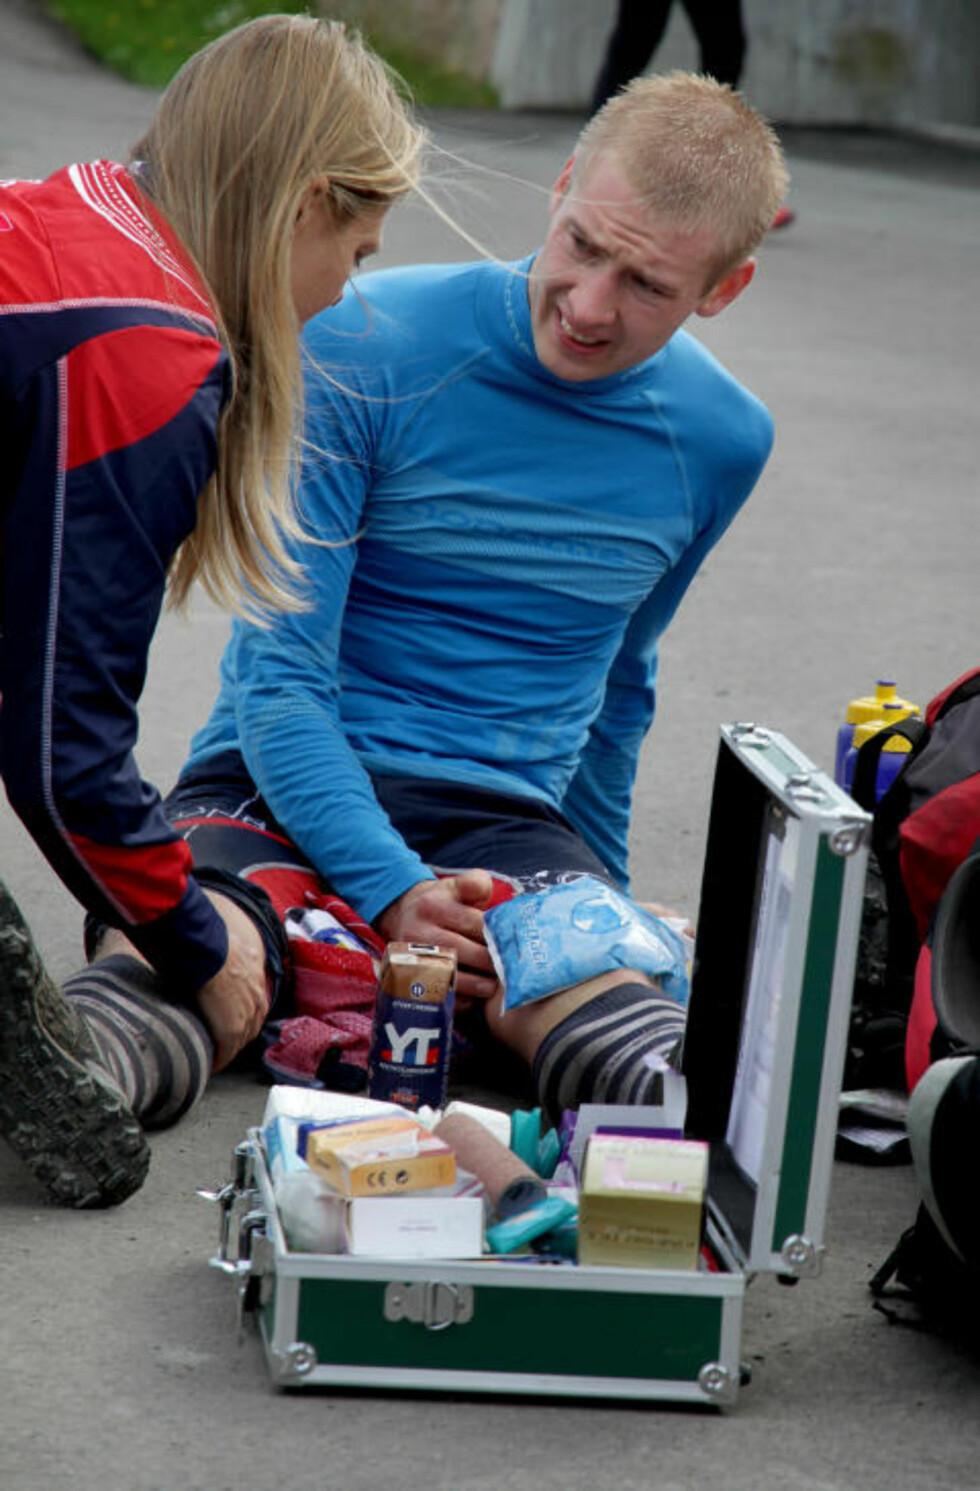 MÅTTE BEHANDLES: Olav Lundanes fikk ispose på kneet og behandling av landslagslege Ellen Moen etter innkomst. Deretter bar det videre til nærmere undersøkelser. Foto: JENS O. KLØVRUD